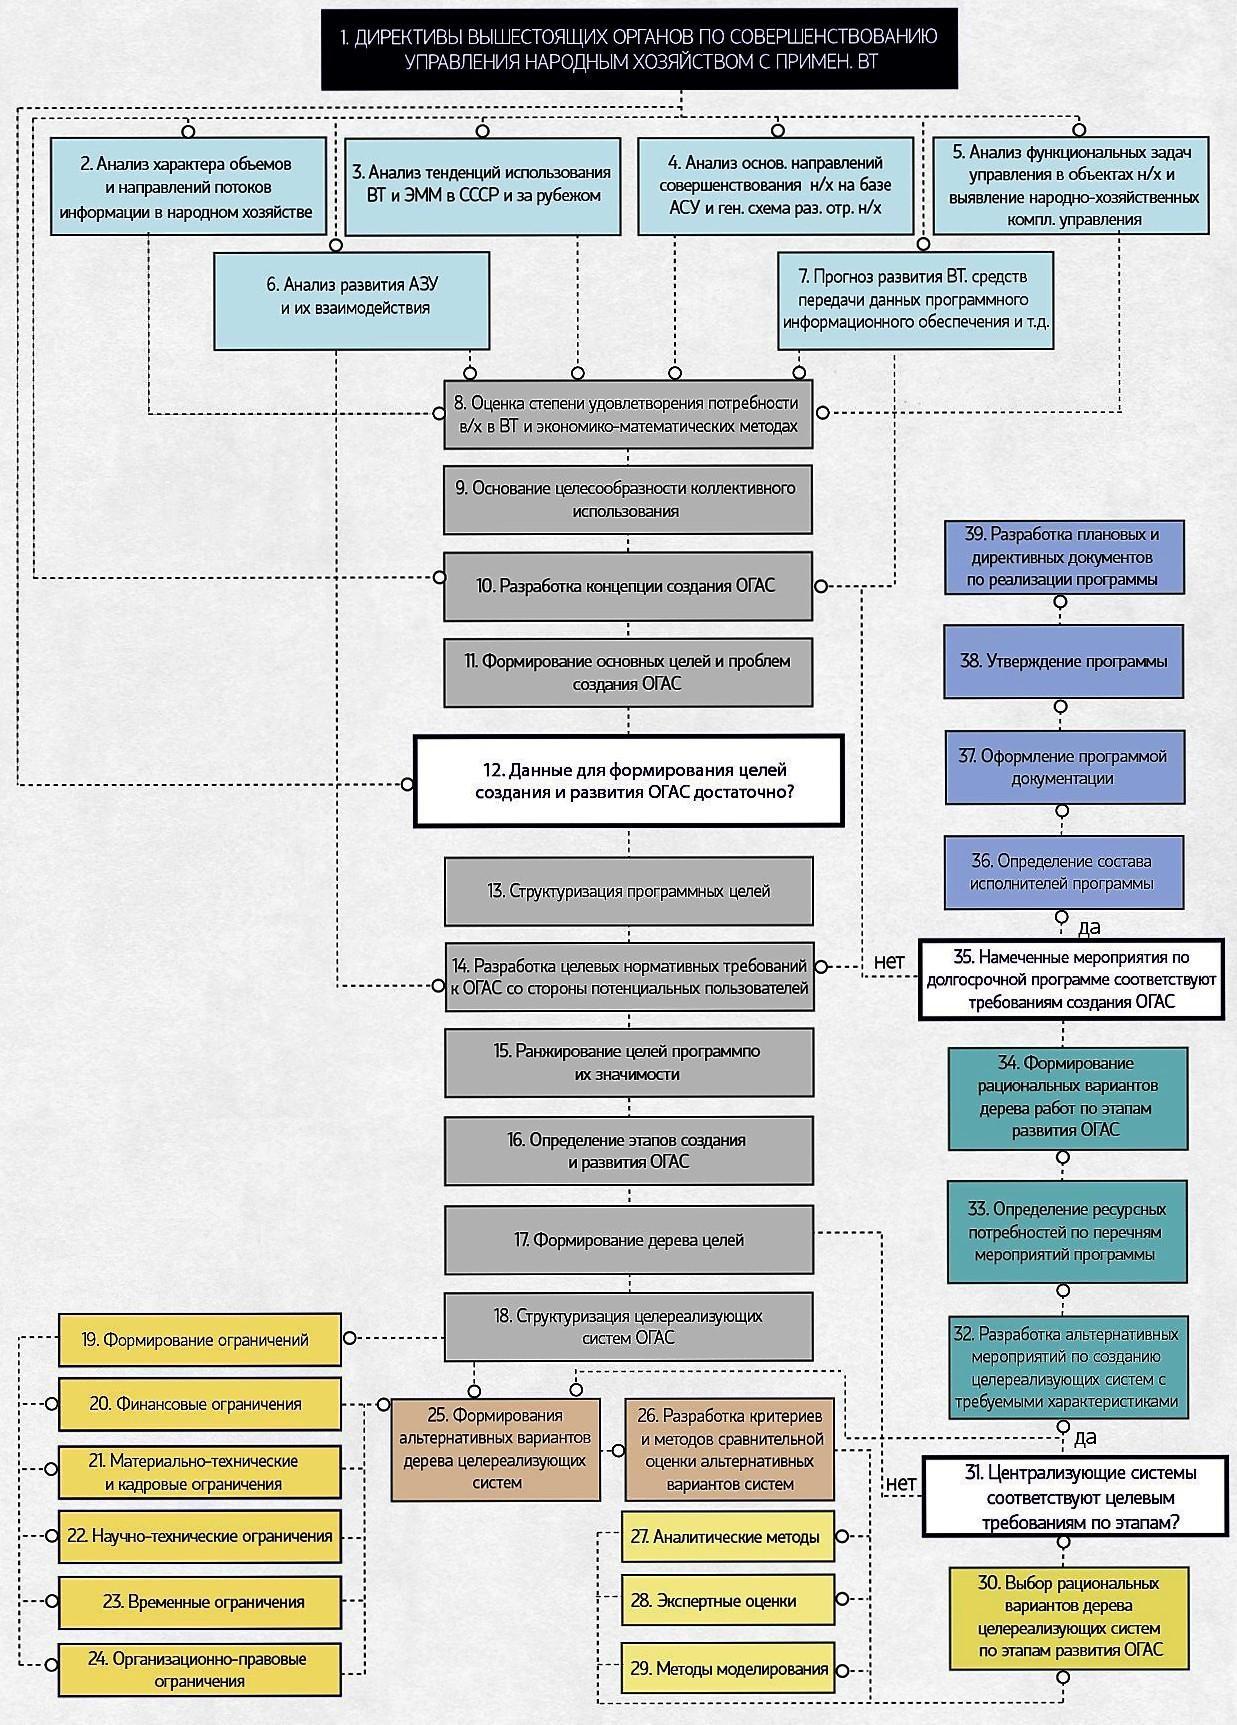 Создание организующей схемы компании 22